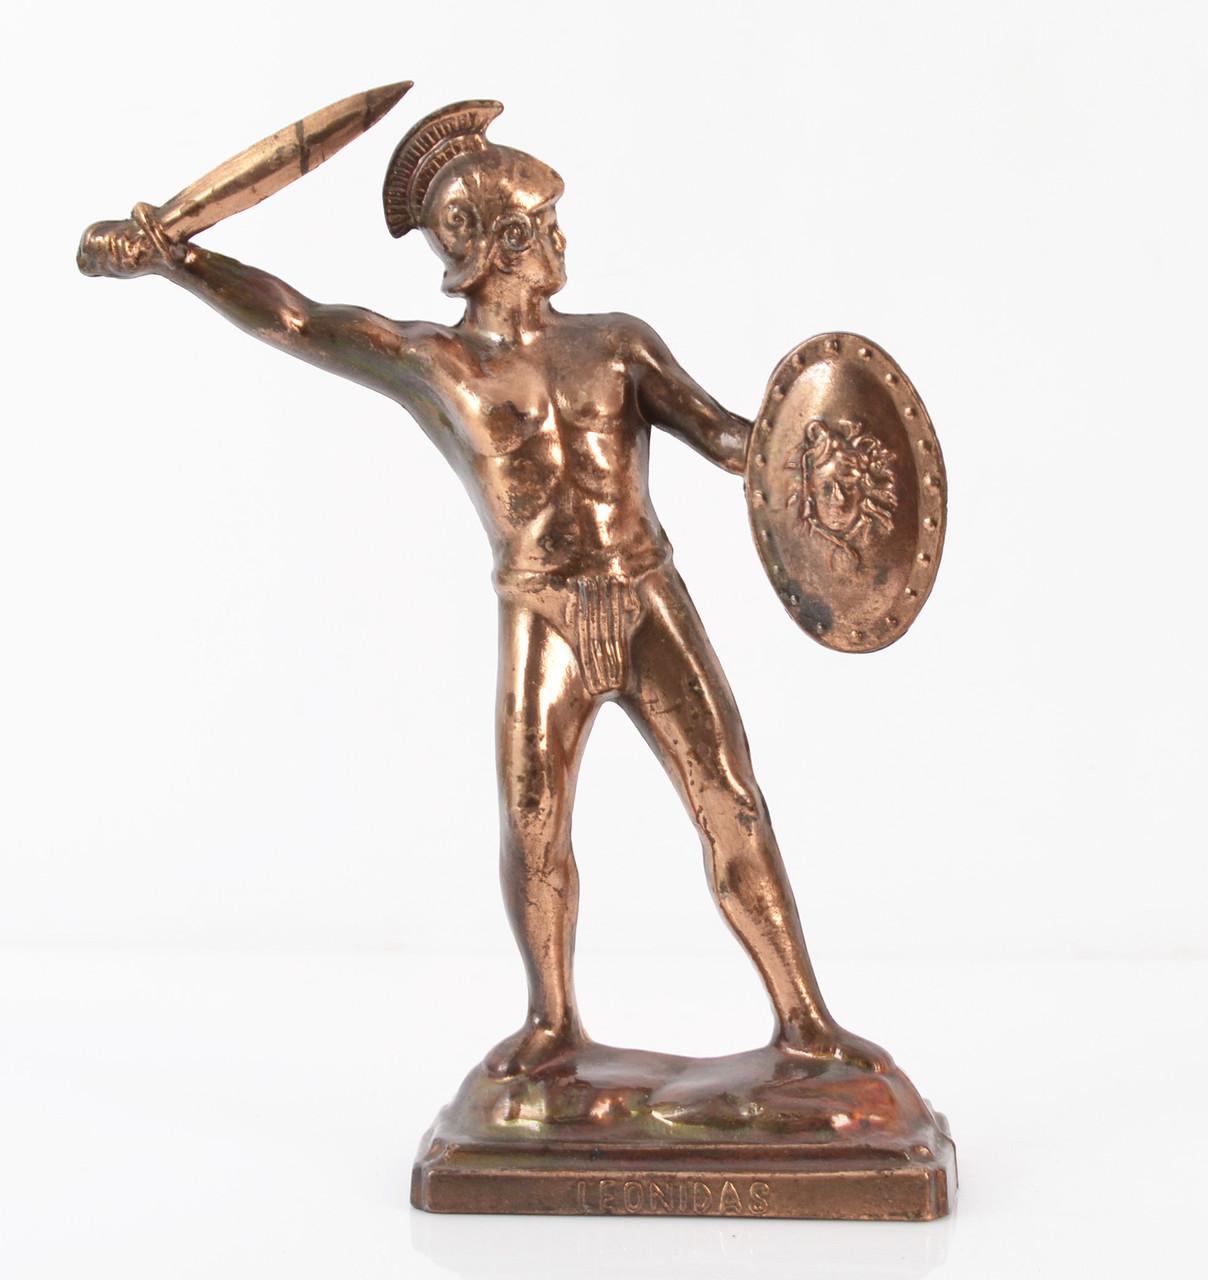 Коллекционная скульптура Leonidas, олово, бронзирован